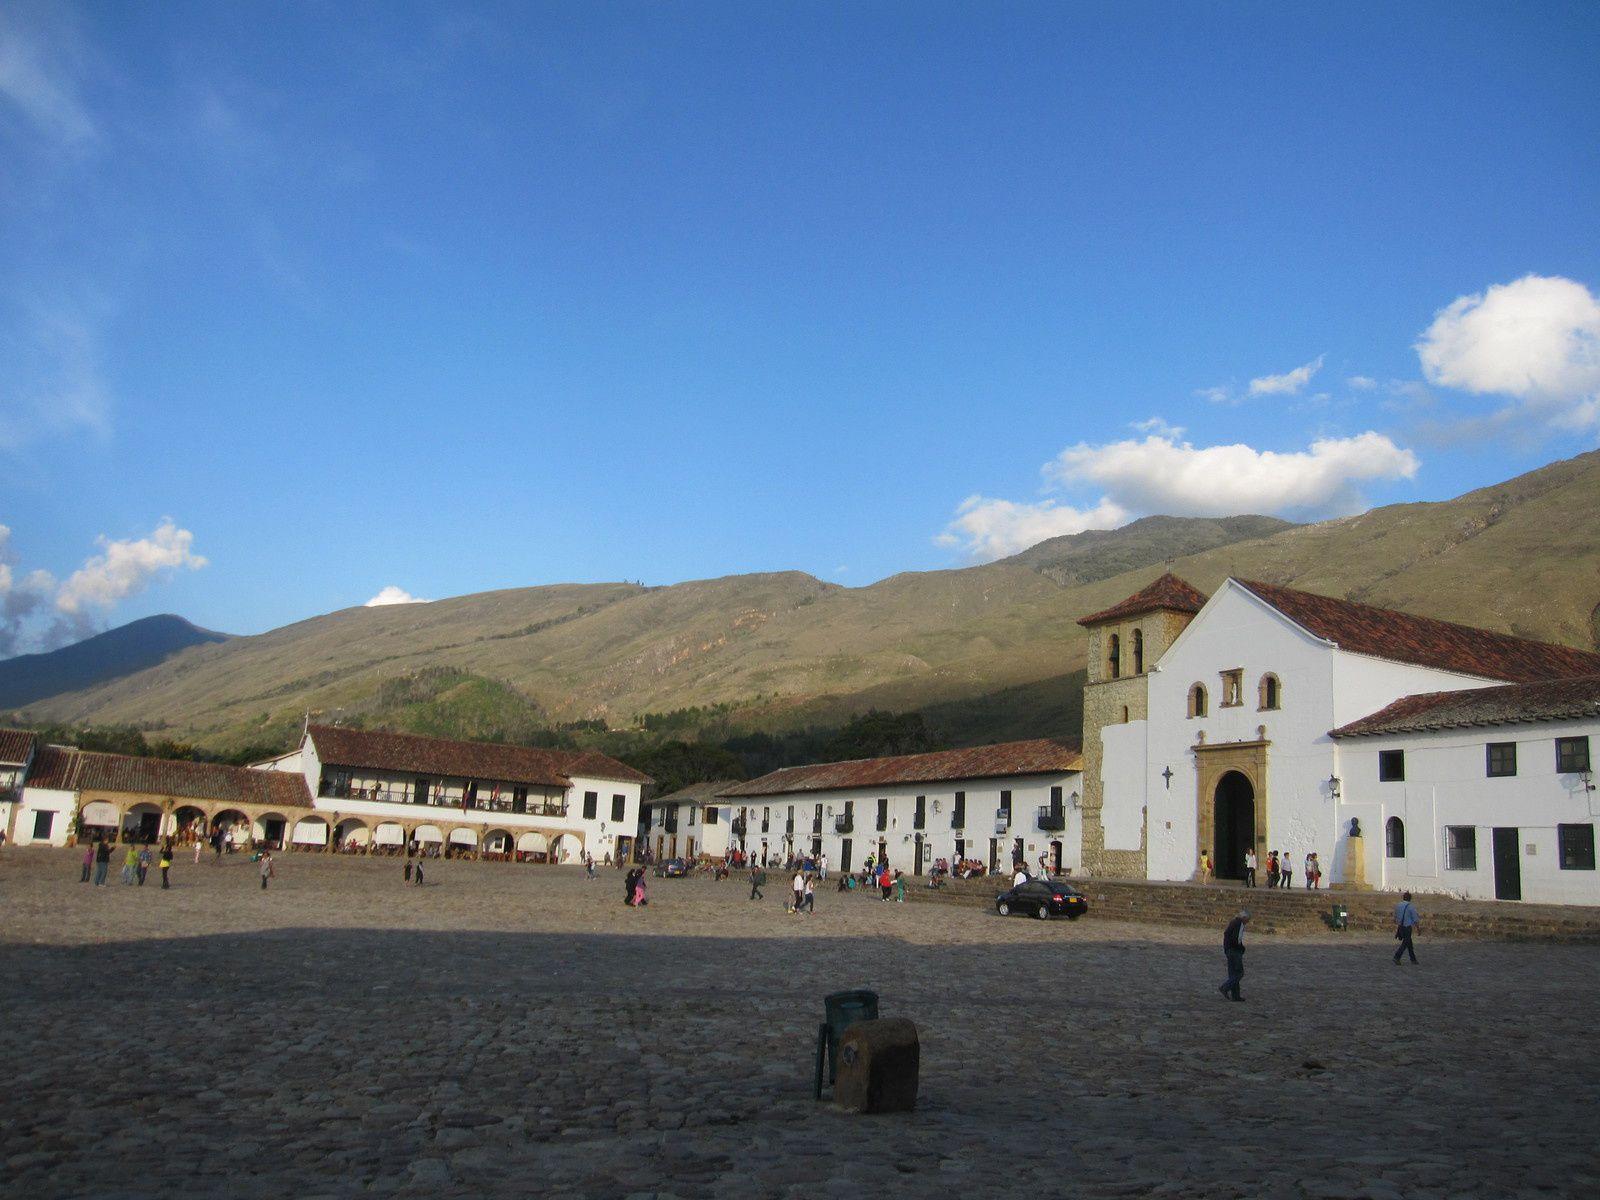 Villa de Leyva: Largissima plaza mayor